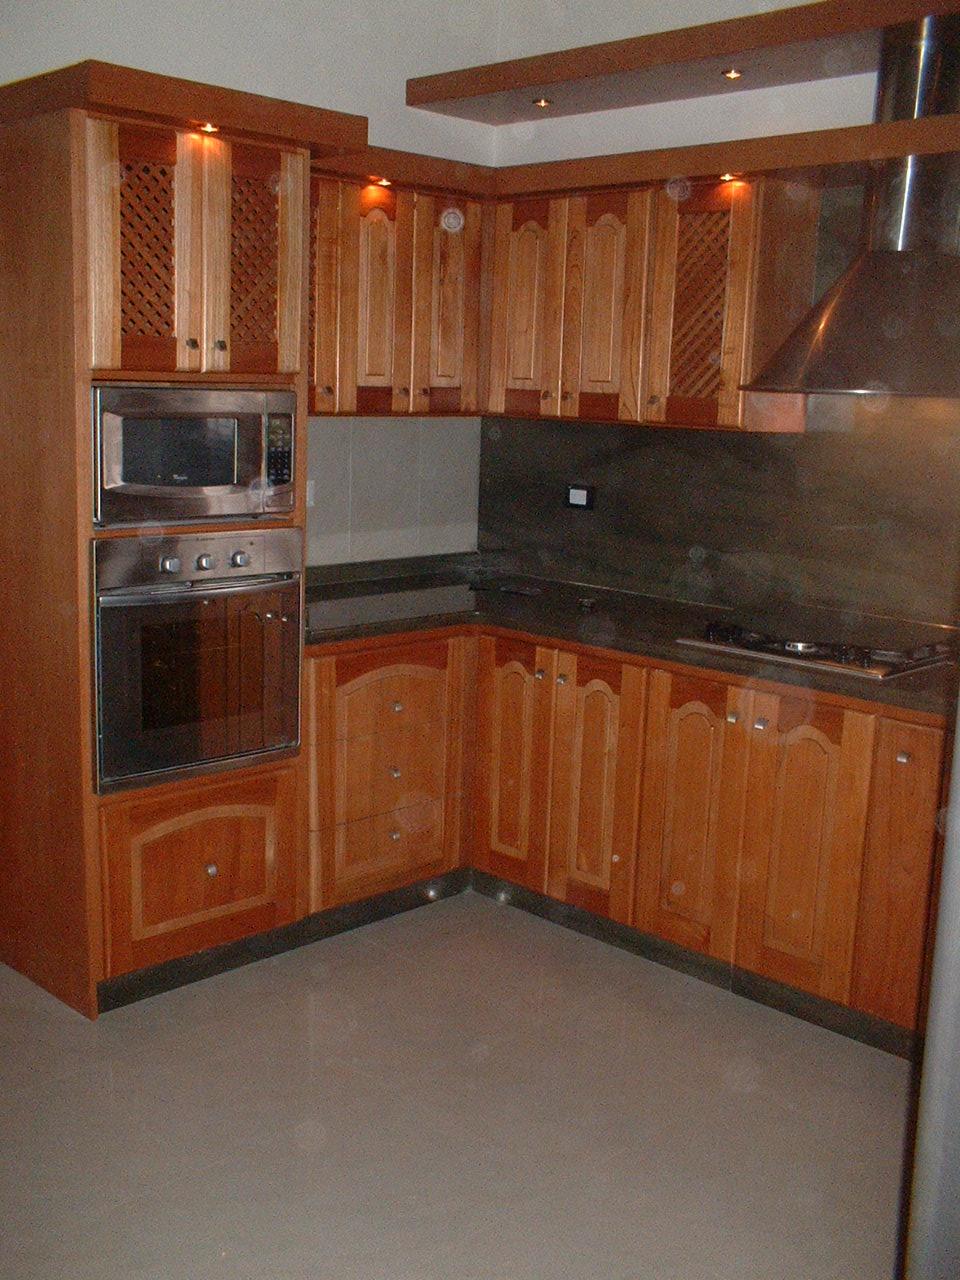 Mueble de sonido madera de cedro cocinas mobiliarios - Cocina de madera ...